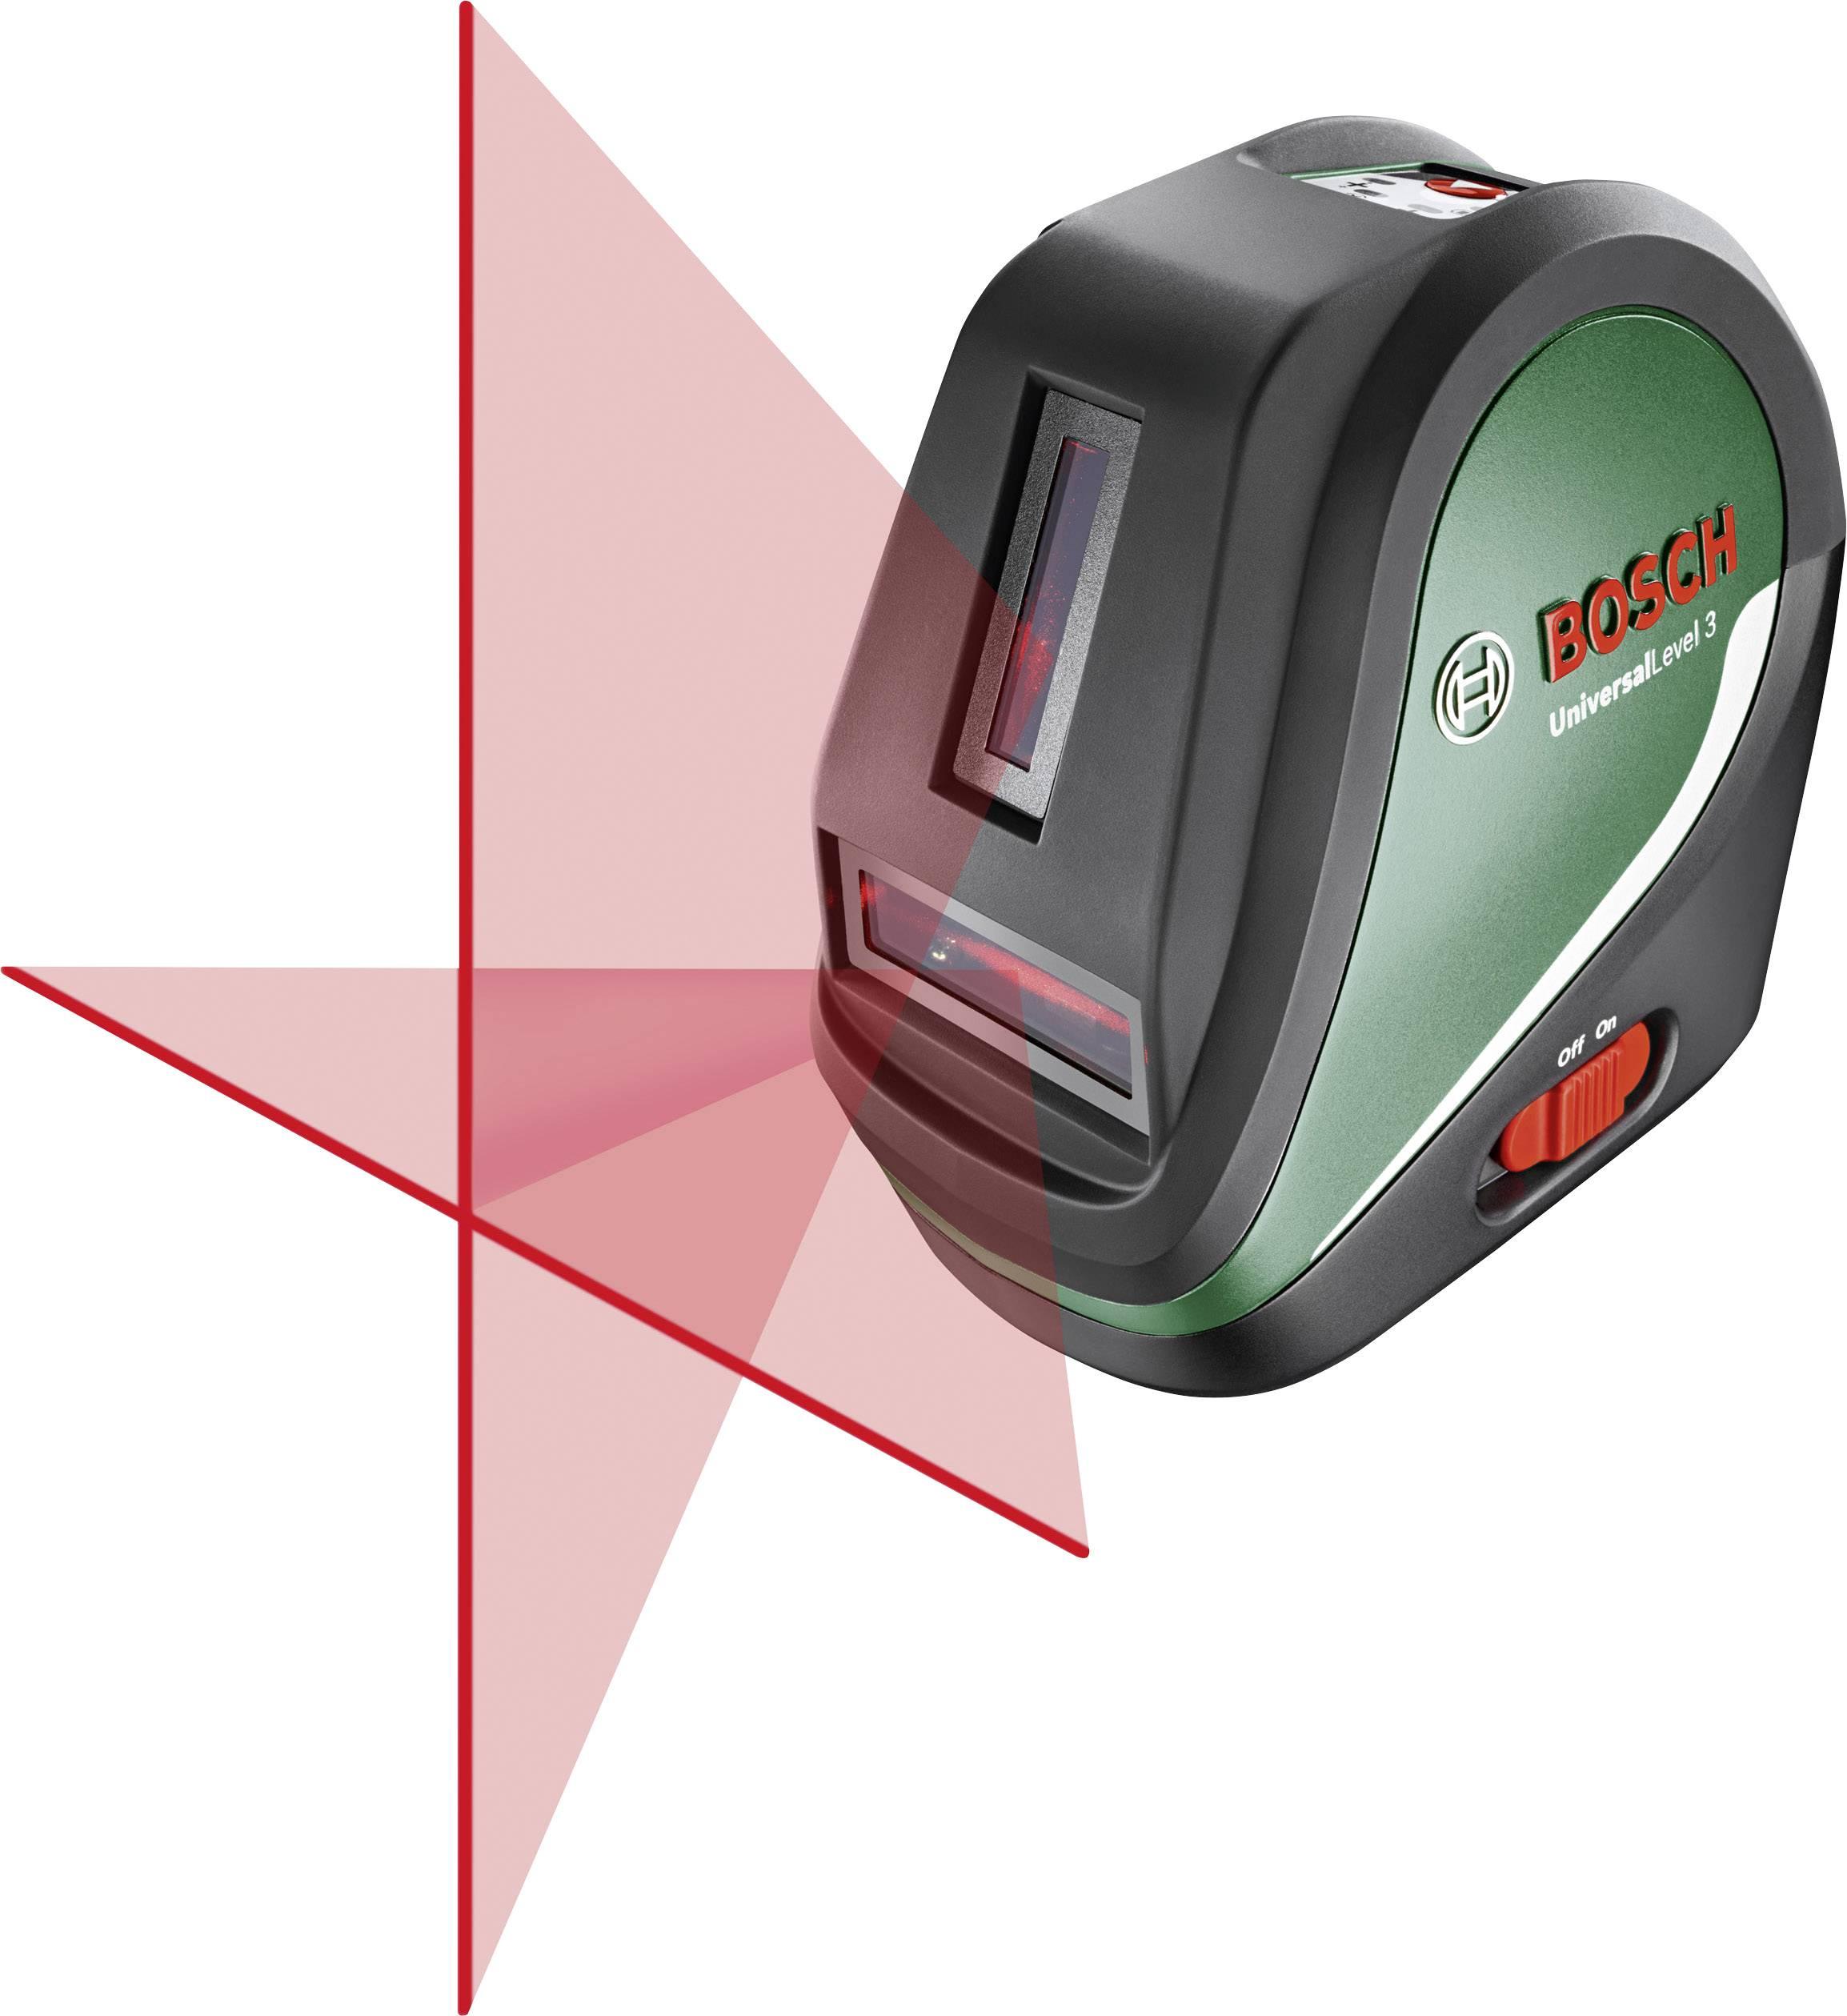 Křížový laser samonivelační Bosch Home and Garden UniversalLevel 3 Basic, dosah (max.): 10 m, Kalibrováno dle: bez certifikátu